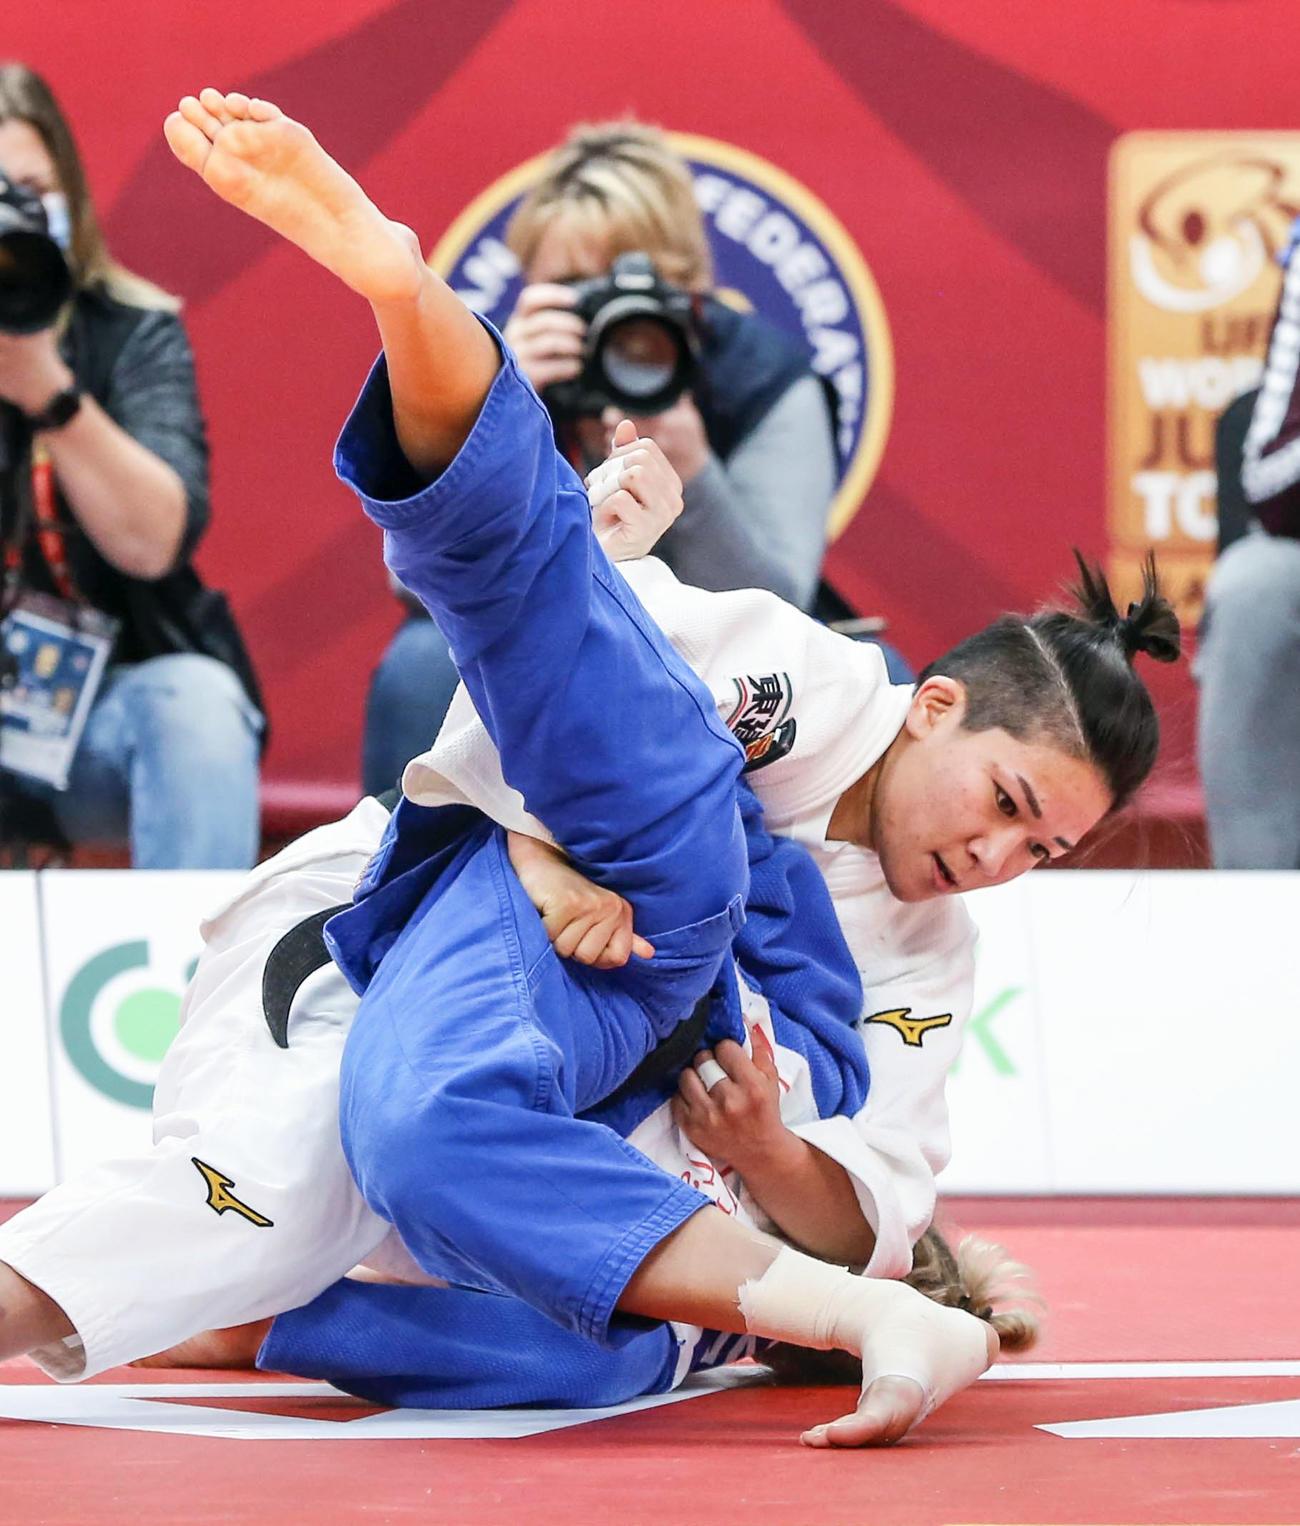 女子48キロ級決勝 ロシアのイリーナ・ドルゴワ(下)を破り優勝した渡名喜風南(国際柔道連盟提供・共同)